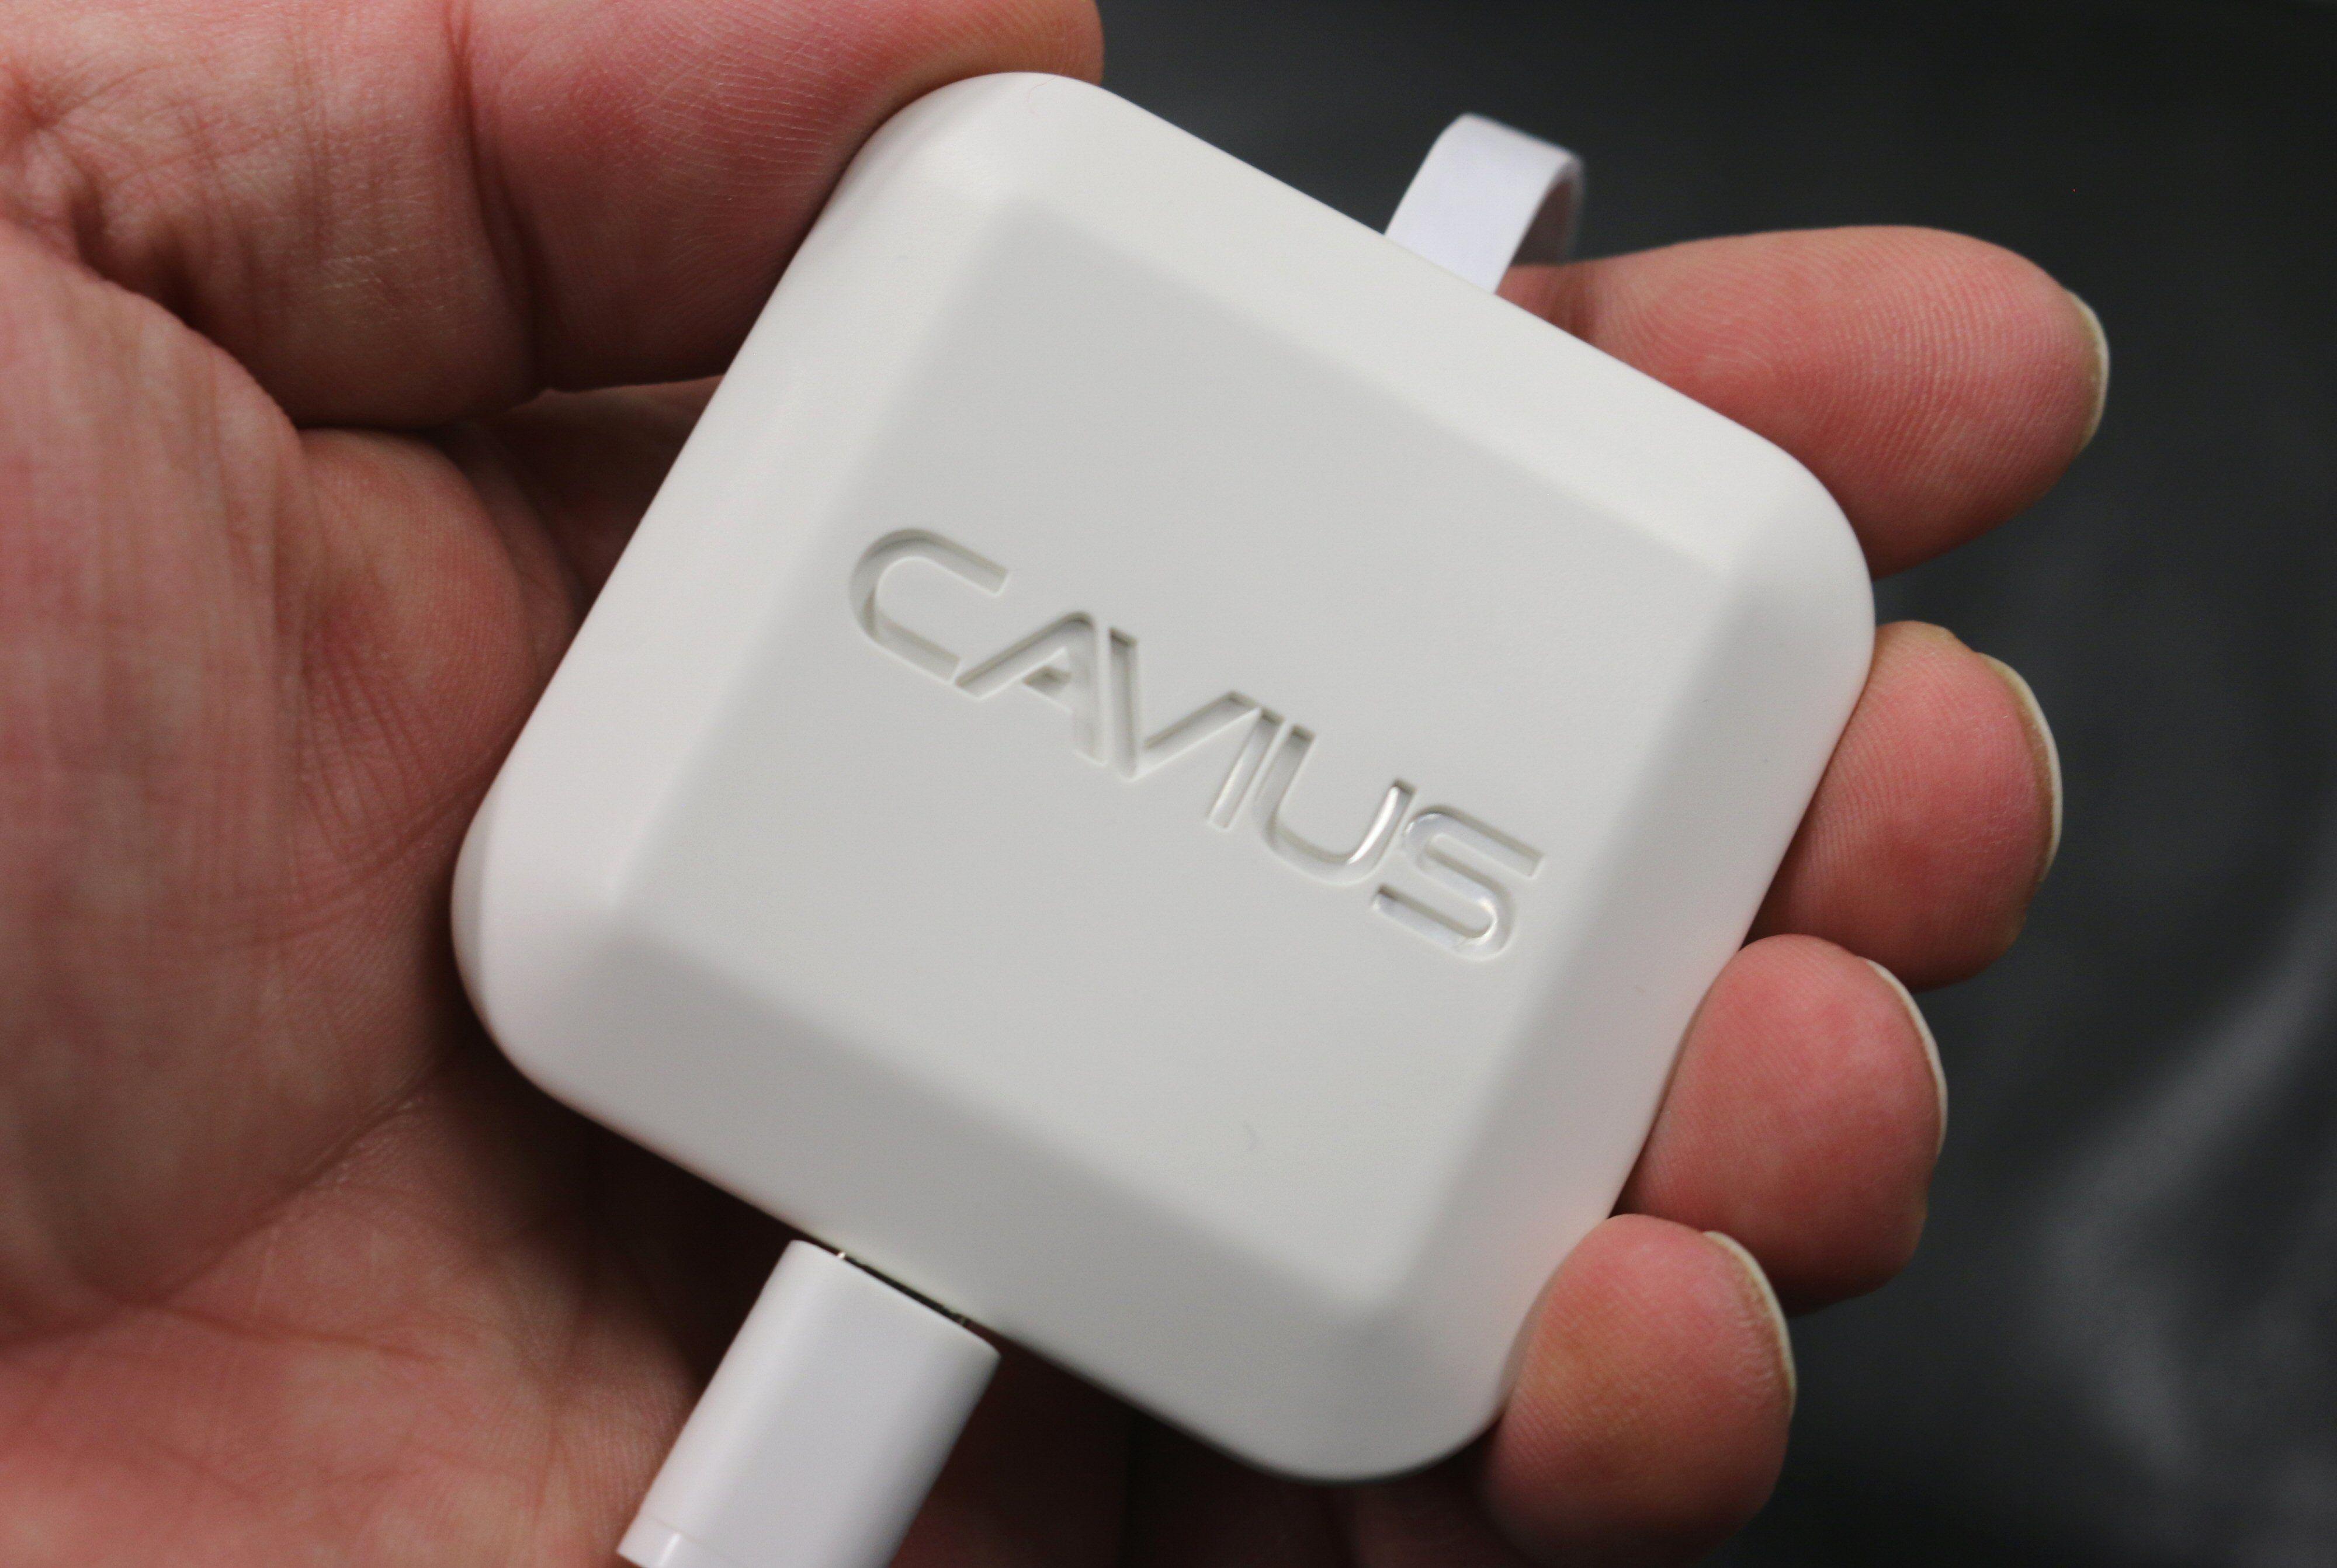 Cavius-huben er liten, men trenger selvsagt strøm og en LAN-port å plugges i.